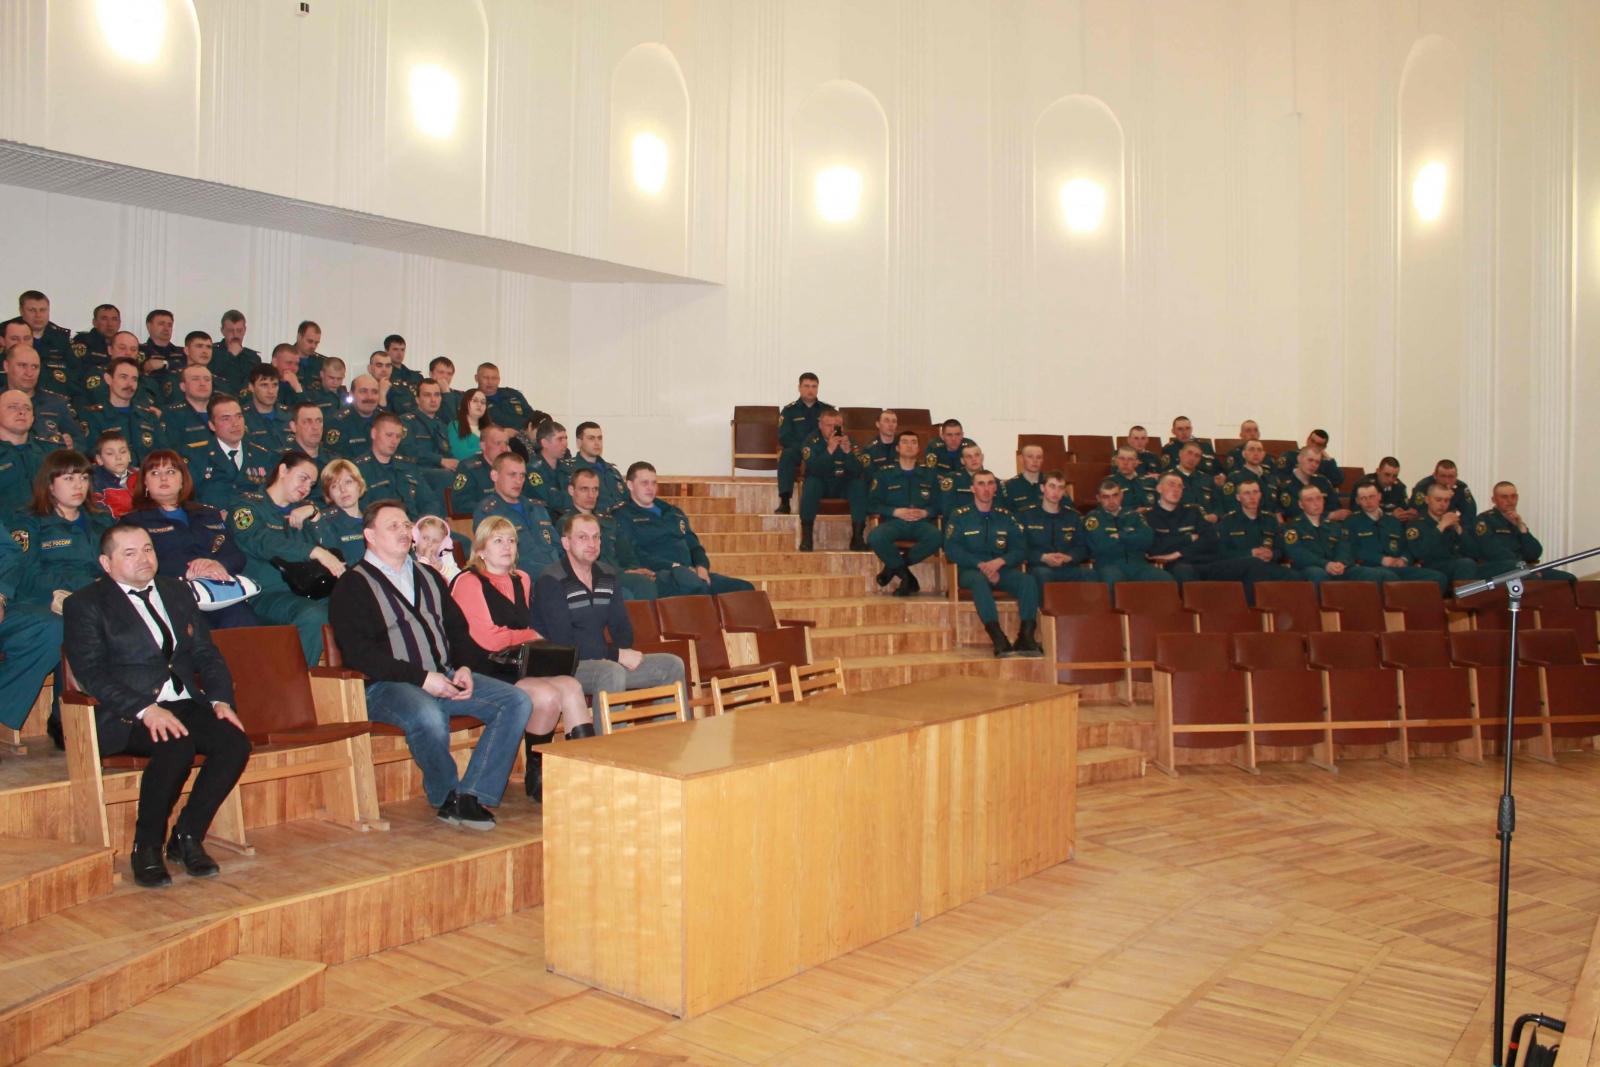 Творческая встреча с народным артистом России Николаем Бурляевым, 18 апреля 2015 года